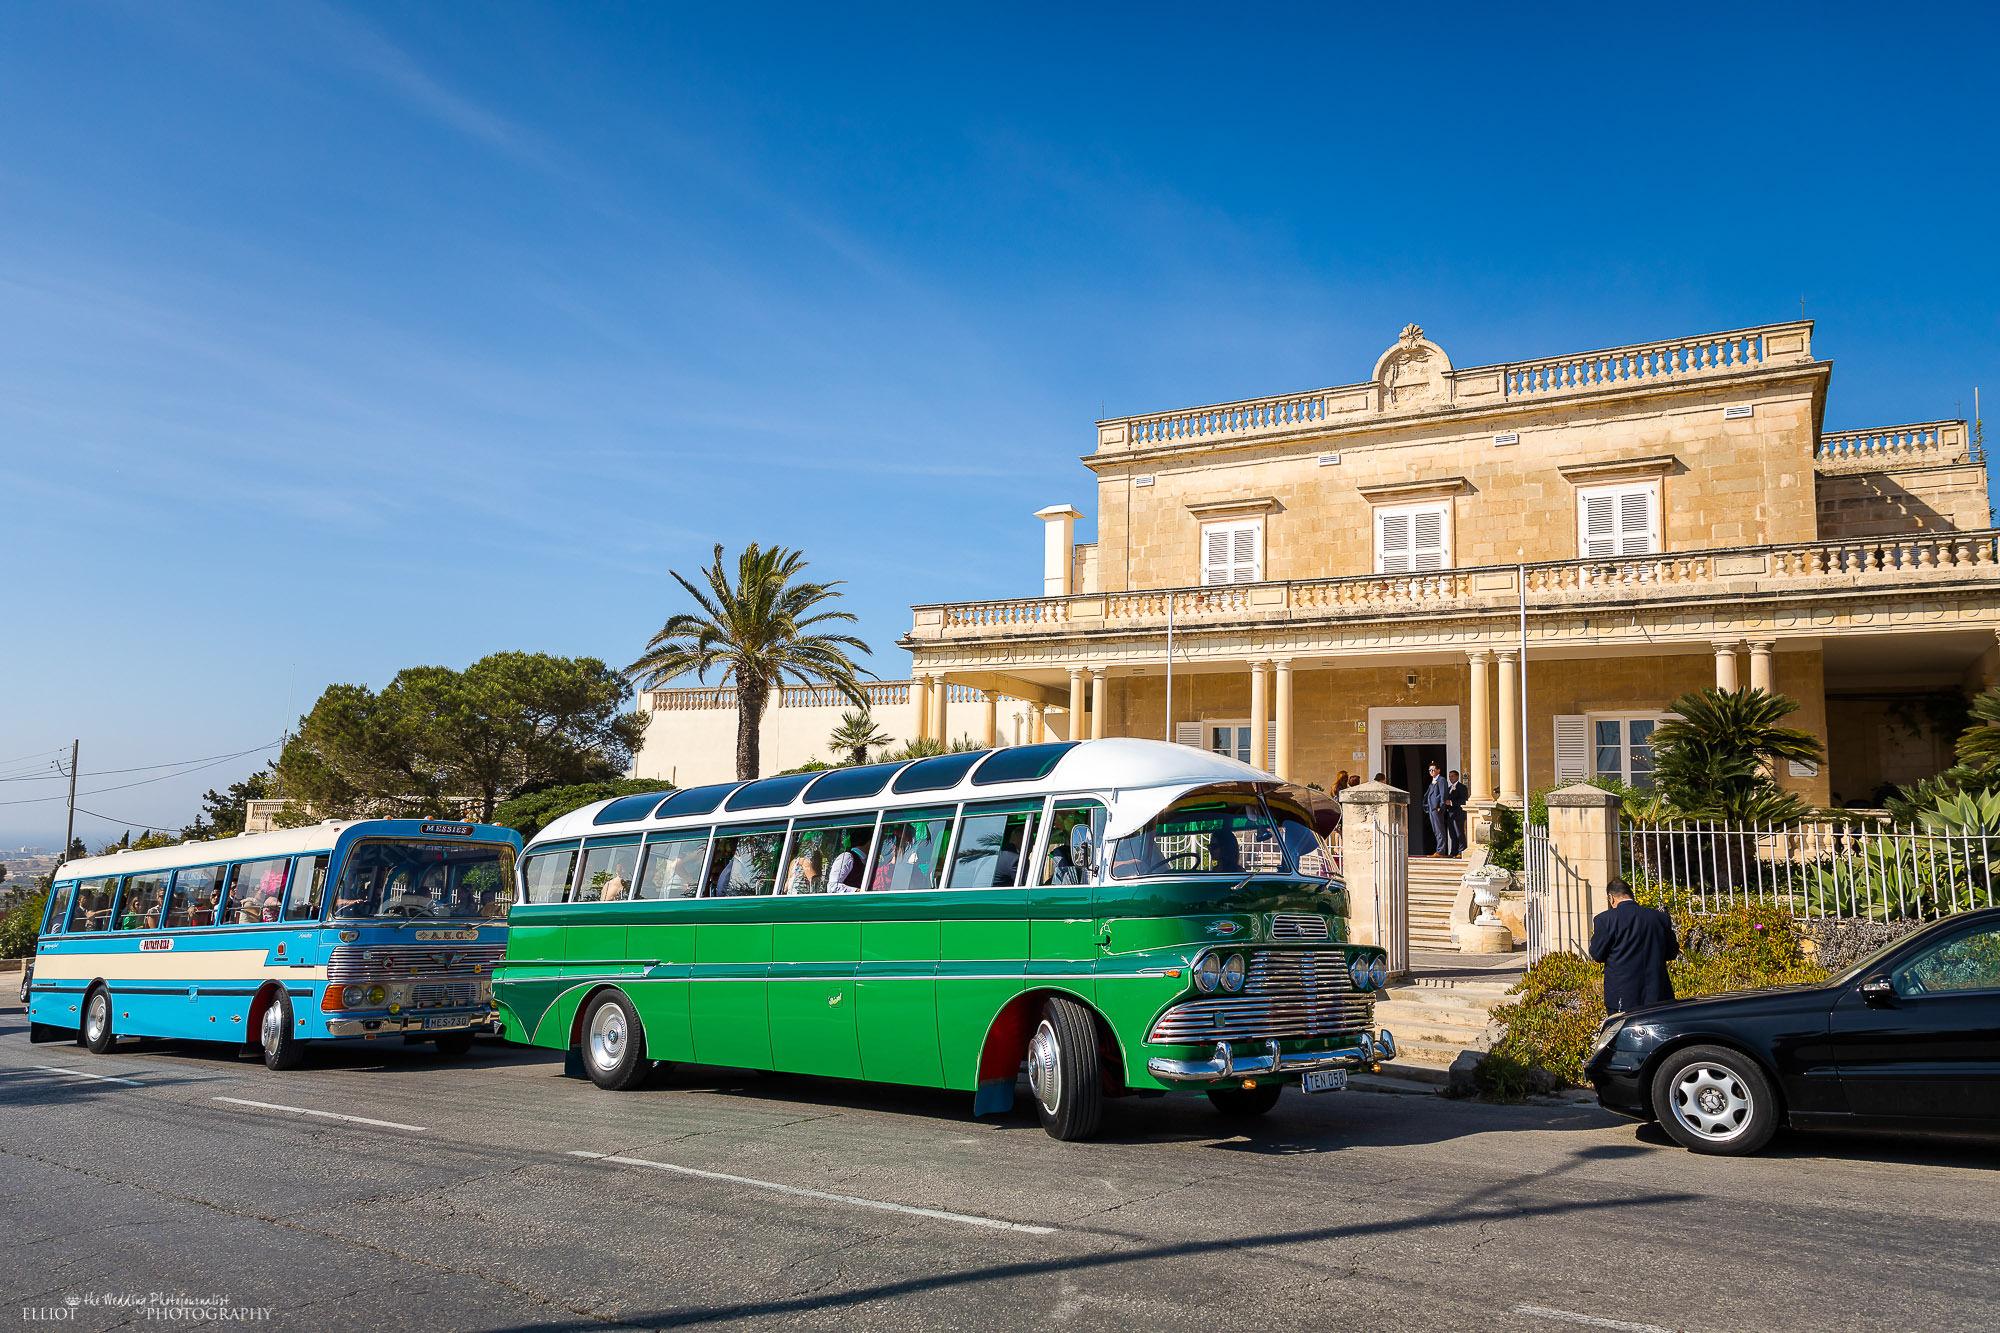 Vintage-buses-Villa-Arrigo-wedding-guests-transport